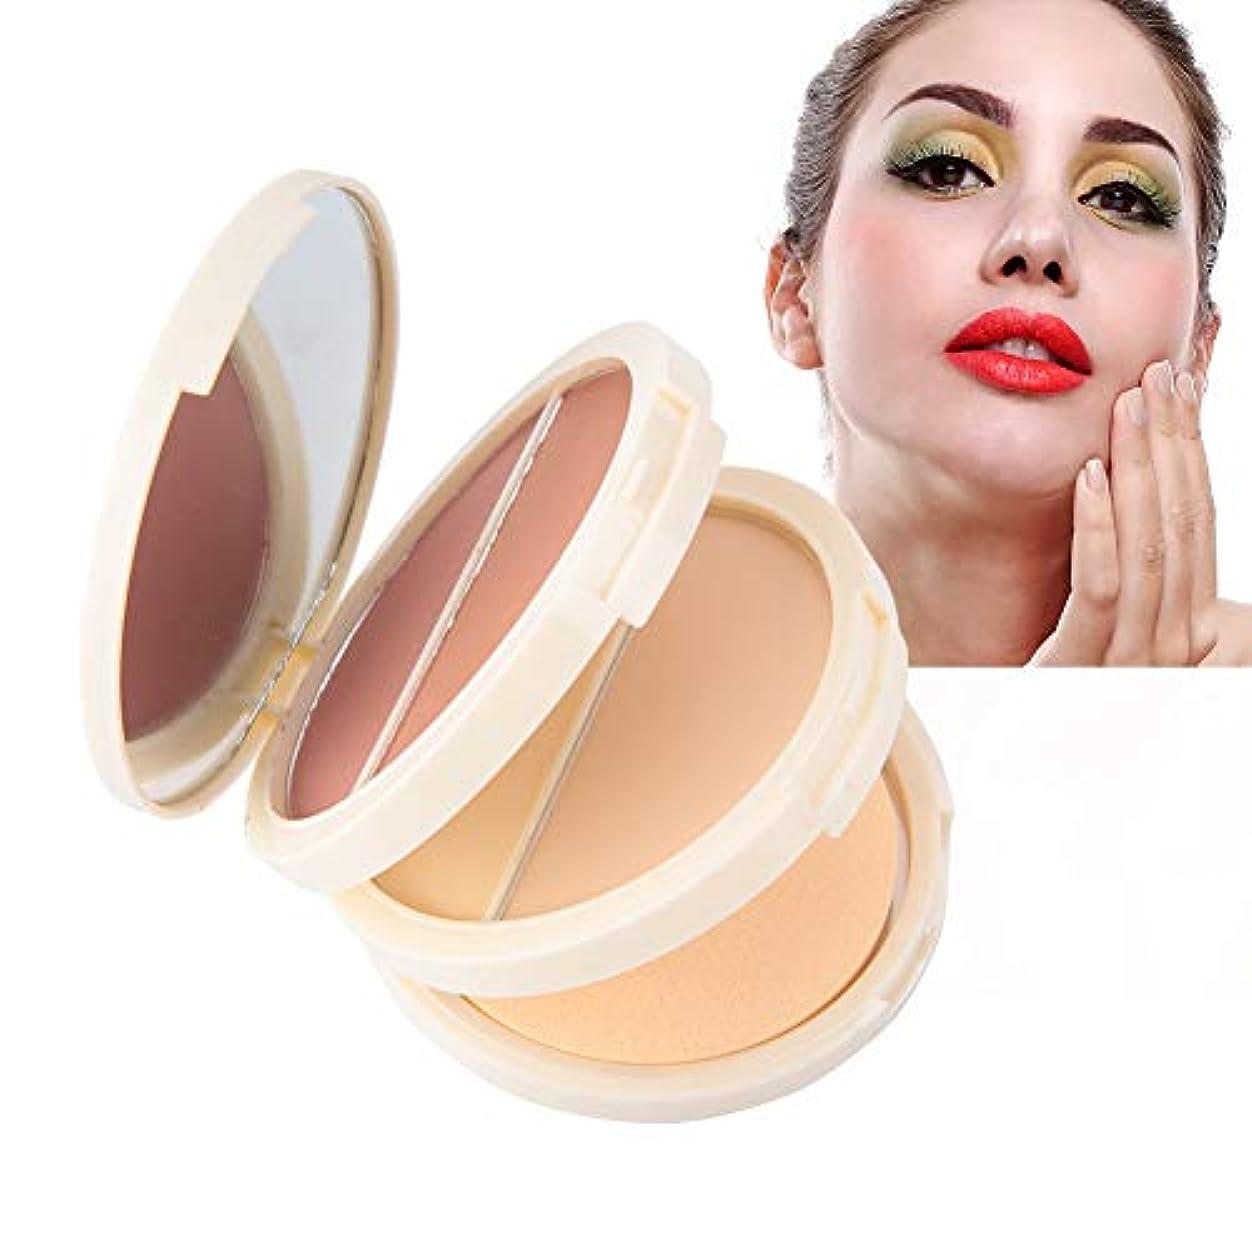 現代事故むさぼり食う化粧品、オイル管理および防水および長続きがする効果のための1つのコンシーラーの粉の赤面粉に付き3つ